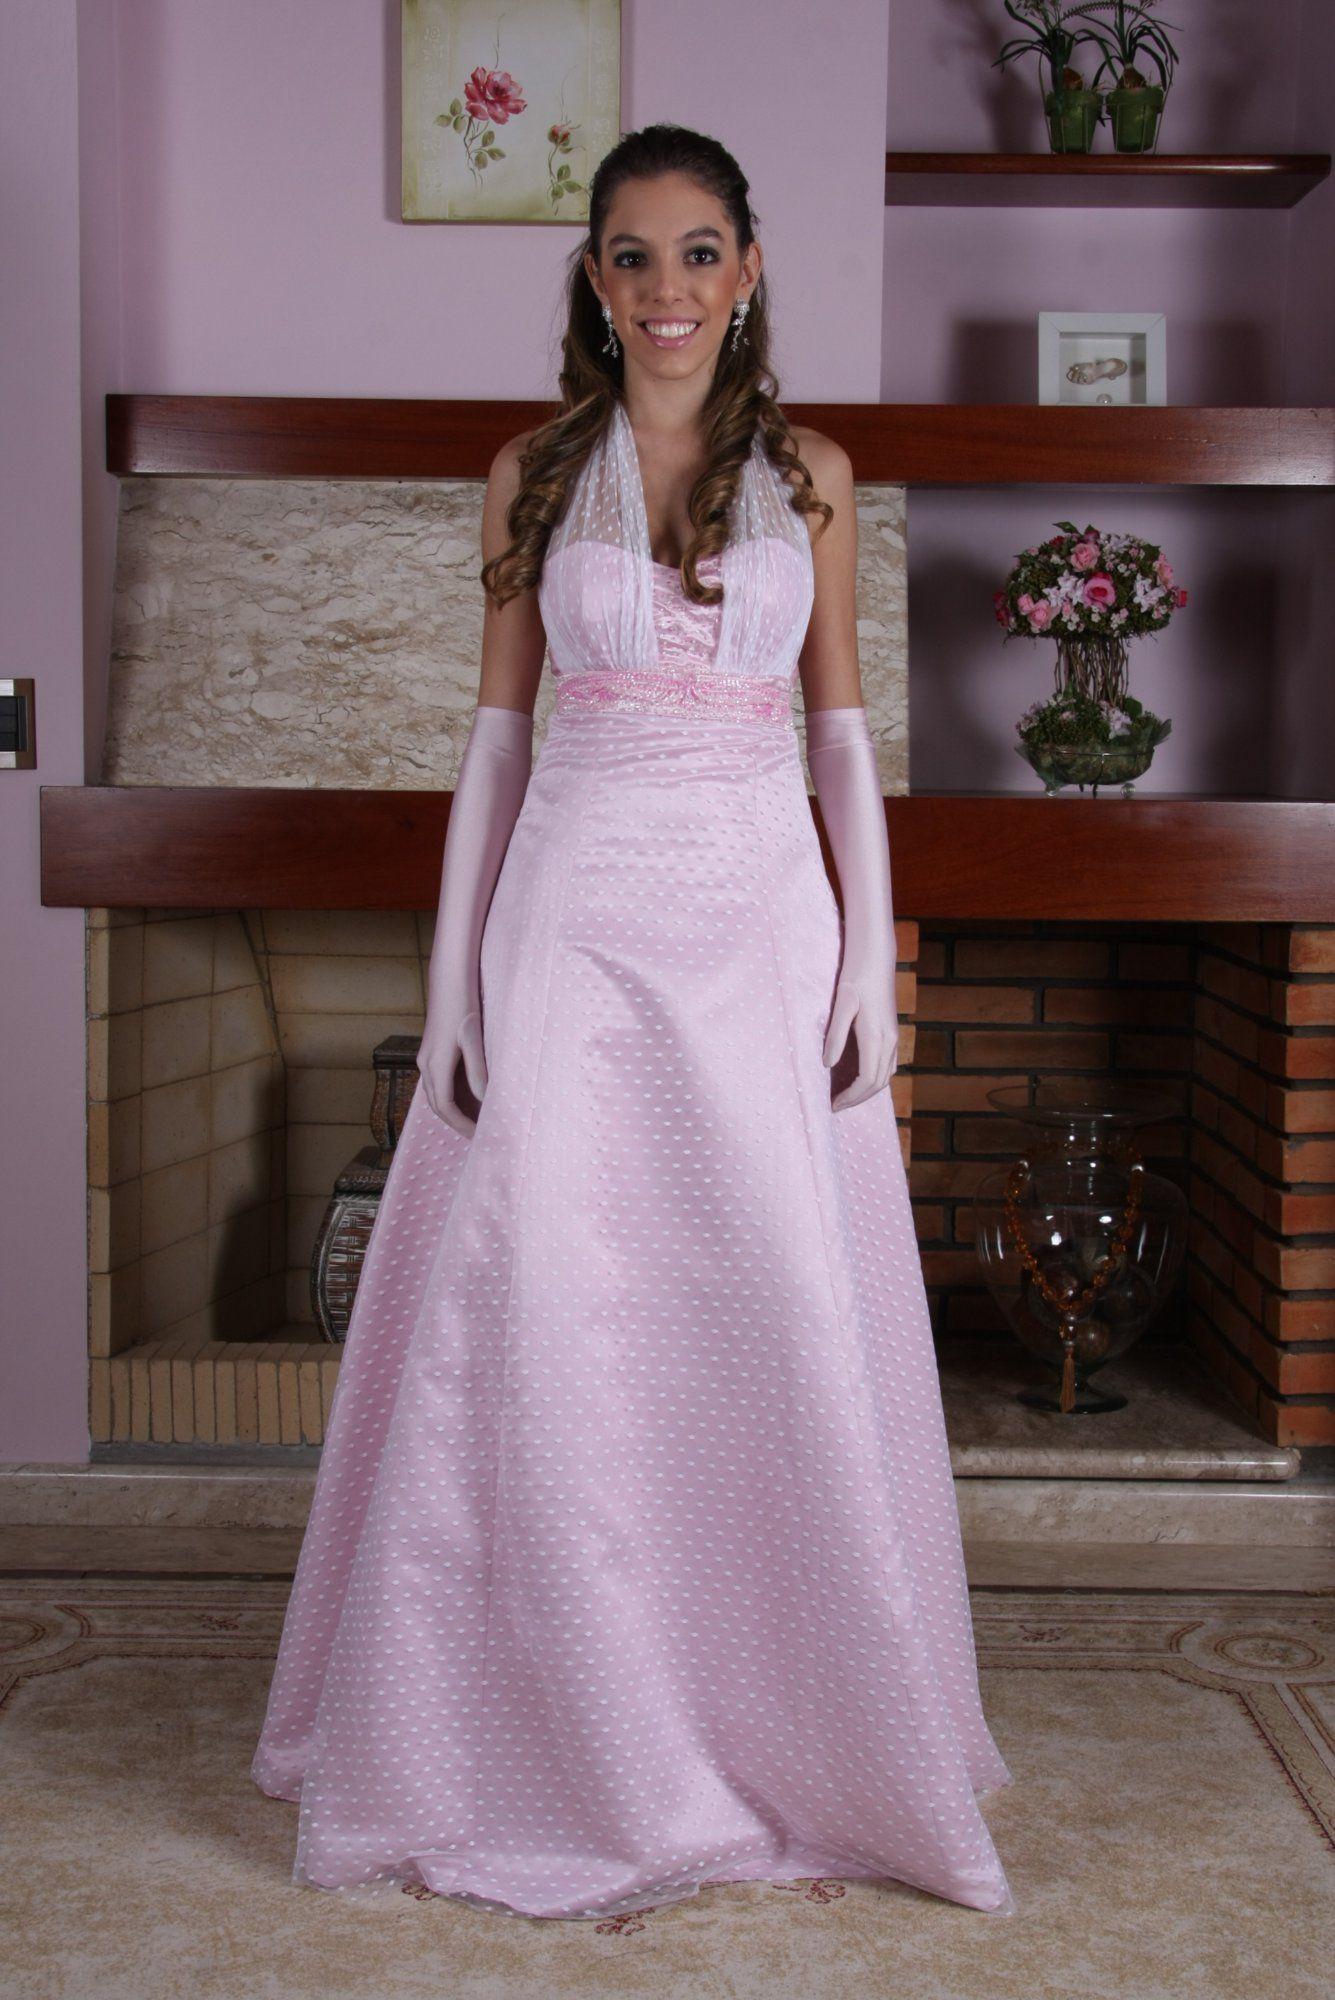 Vestido de Debutante Rosa - 21 - Hipnose Alta Costura e Spa para Noivas e Noivos - Campinas - SP Vestido de Debutante, Vestido de Debutante Rosa, Hipnose Alta Costura